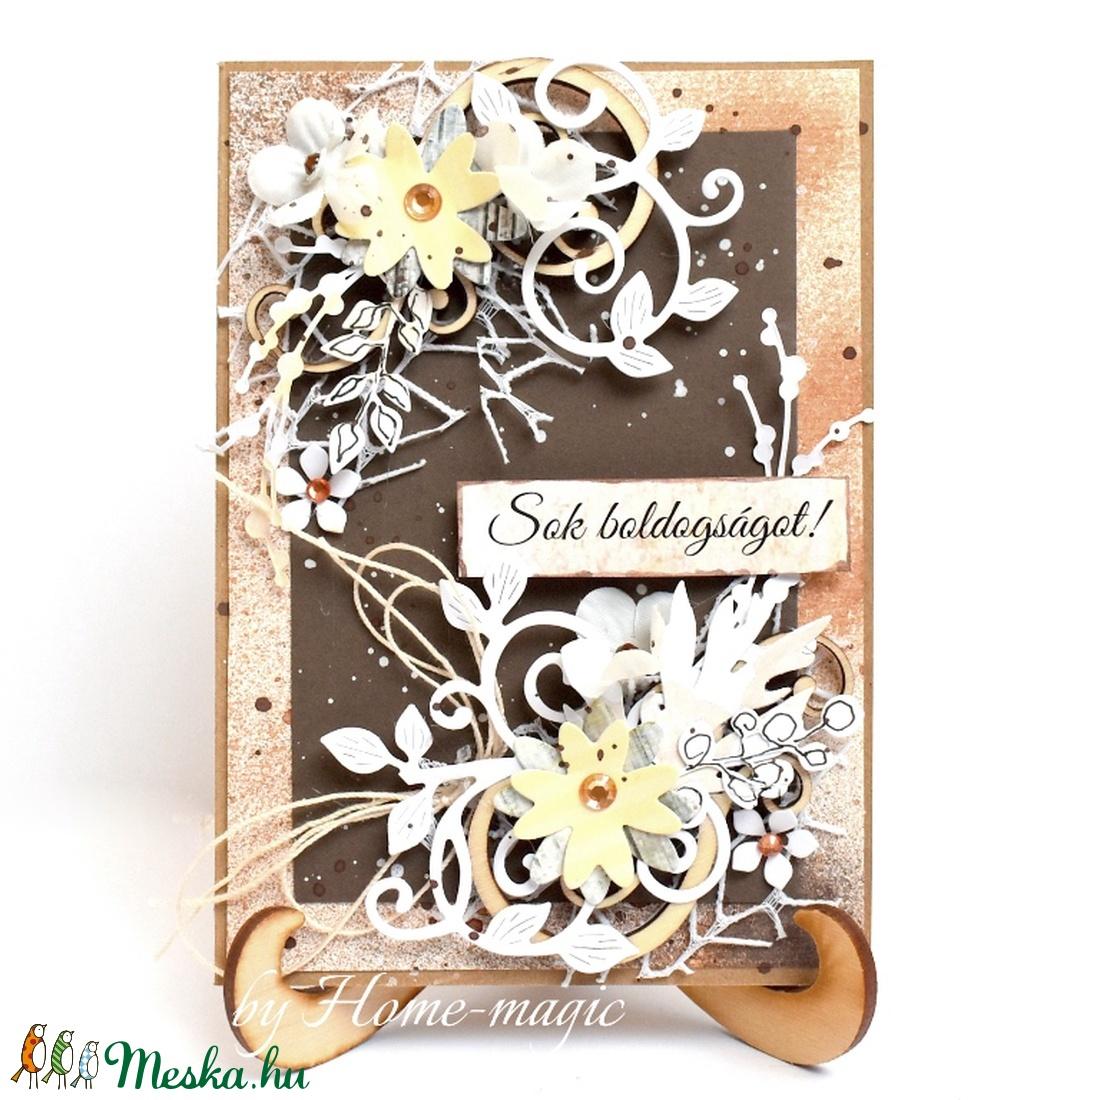 Kézzel készült képeslap, üdvözlőlap, ajándékkísérő - borítékkal, esküvői pénzátadó - Meska.hu